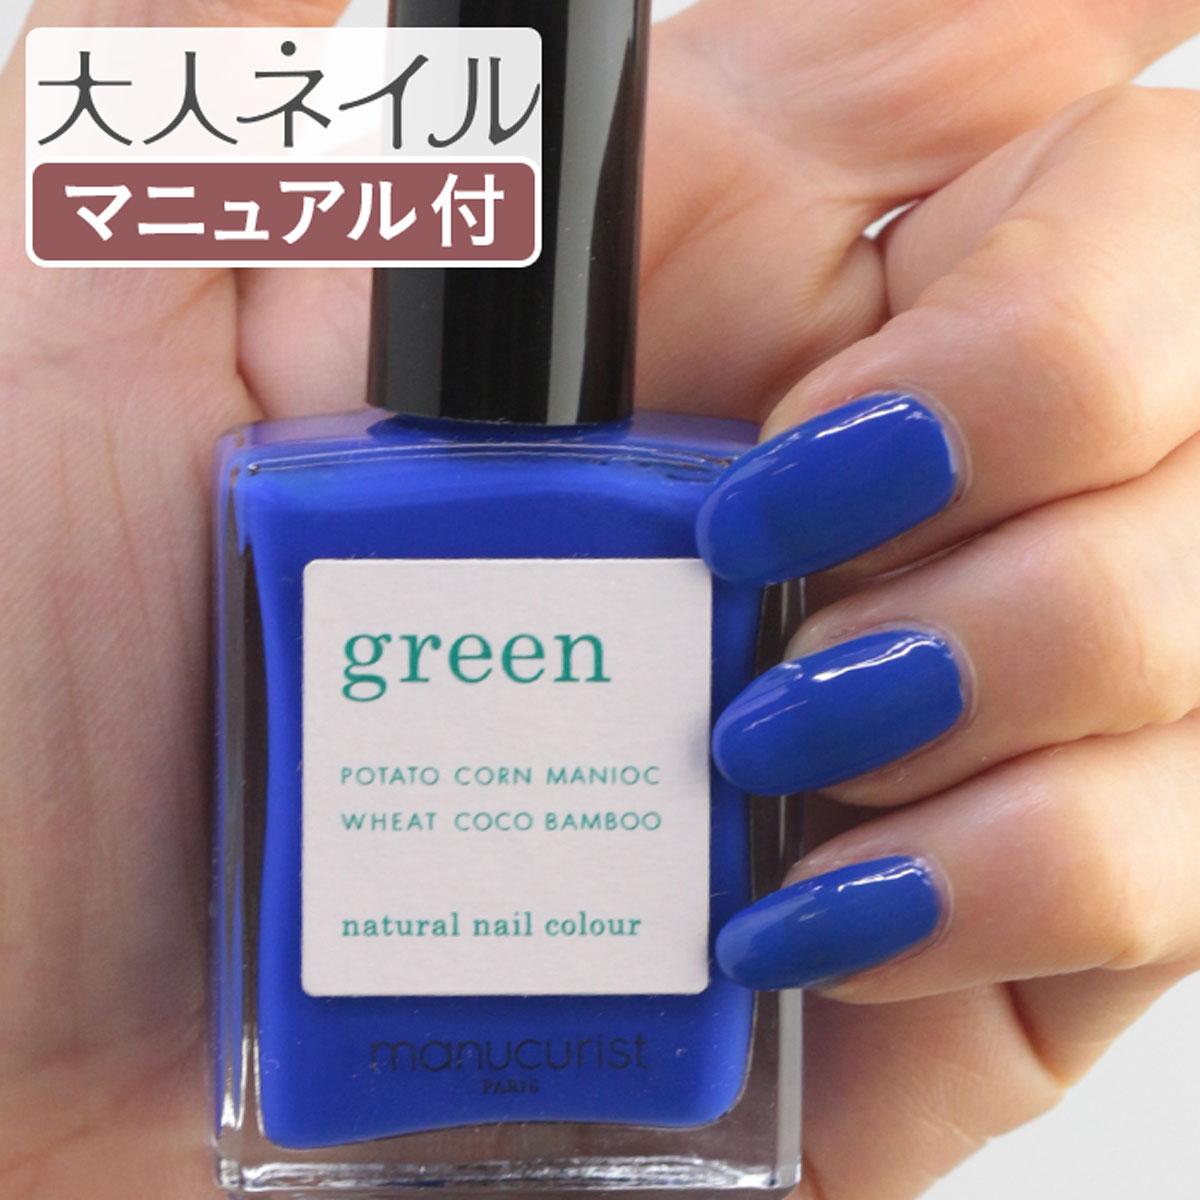 green グリーン ナチュラルネイルカラー アルトラマリーン 31041 15ml 爪にやさしい マニキュア セルフネイル ロイヤルブルー ペディキュア 夏カラー 夏ネイル